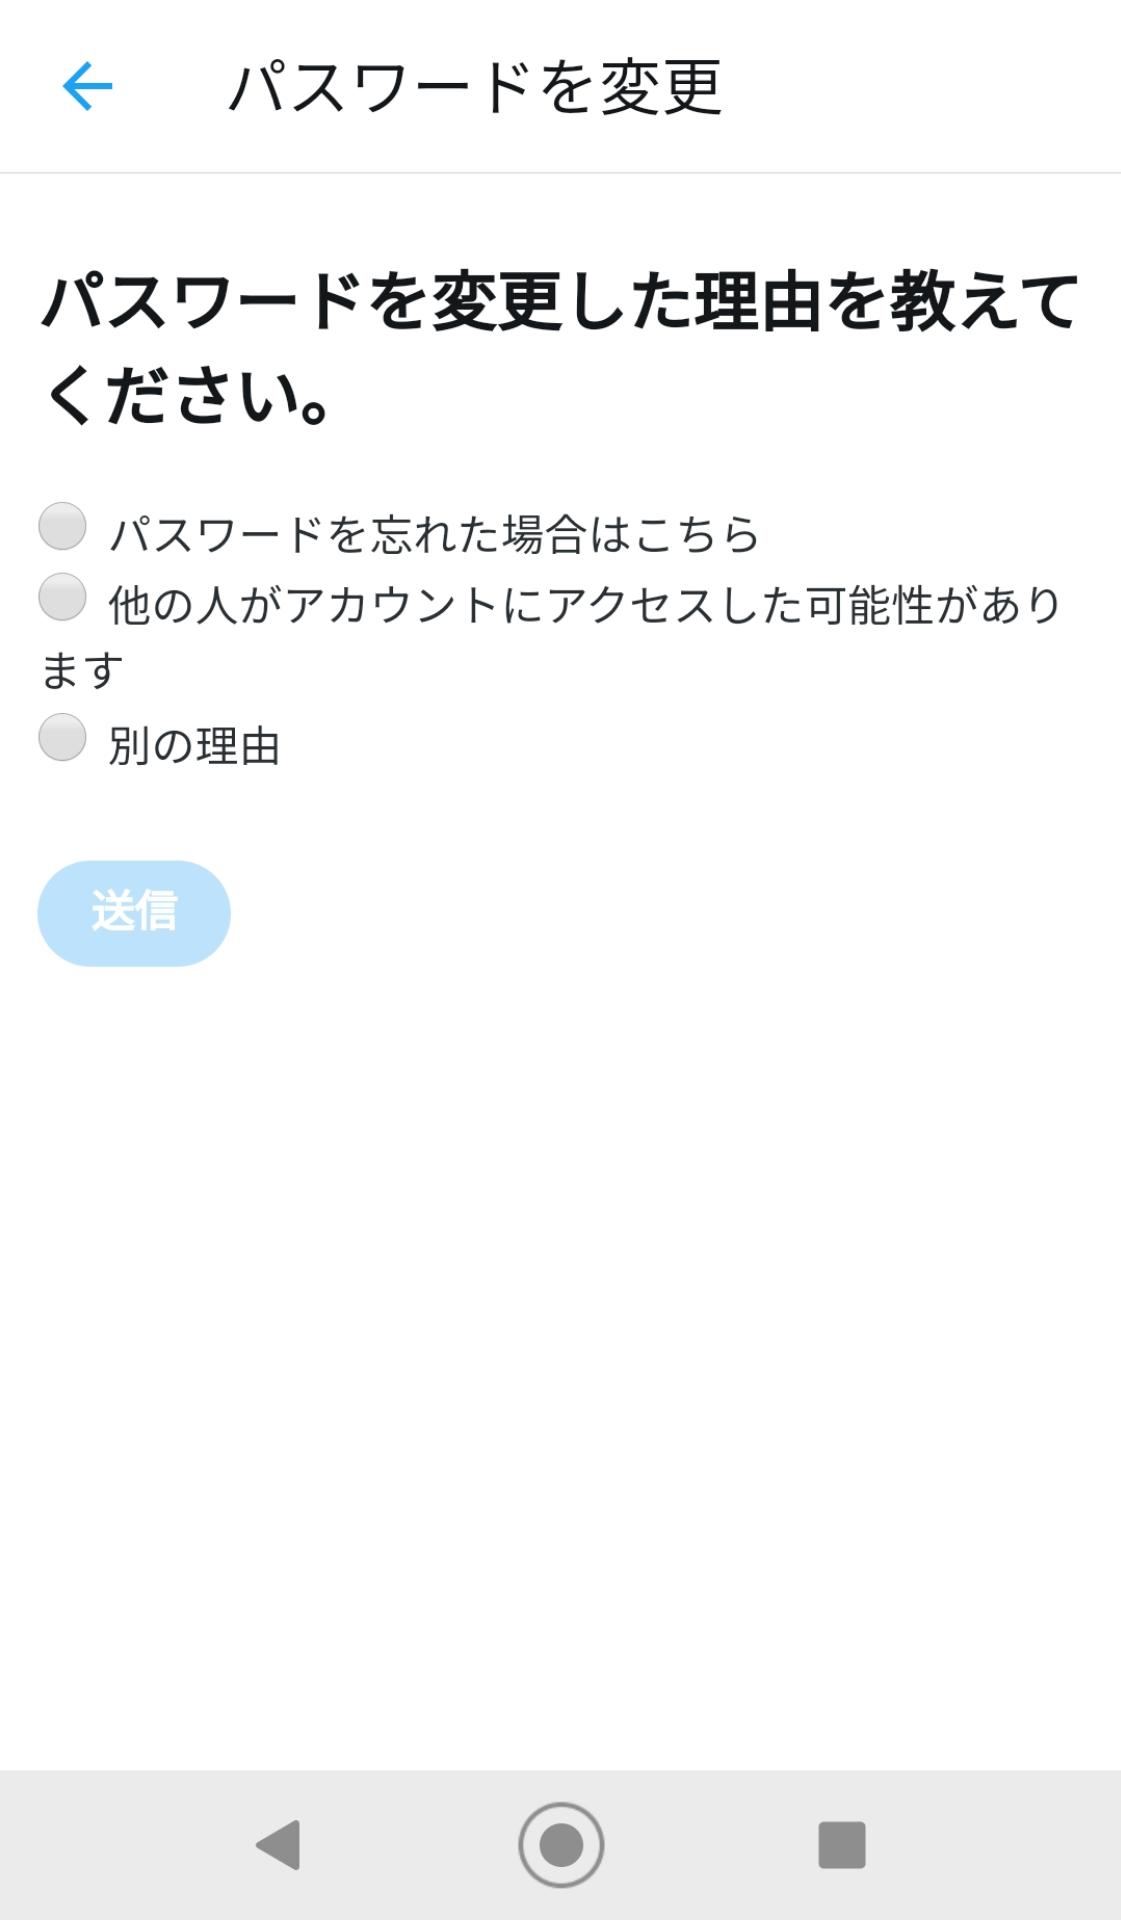 Twitter 新パスワード 再設定 変更理由 アンケート タップ